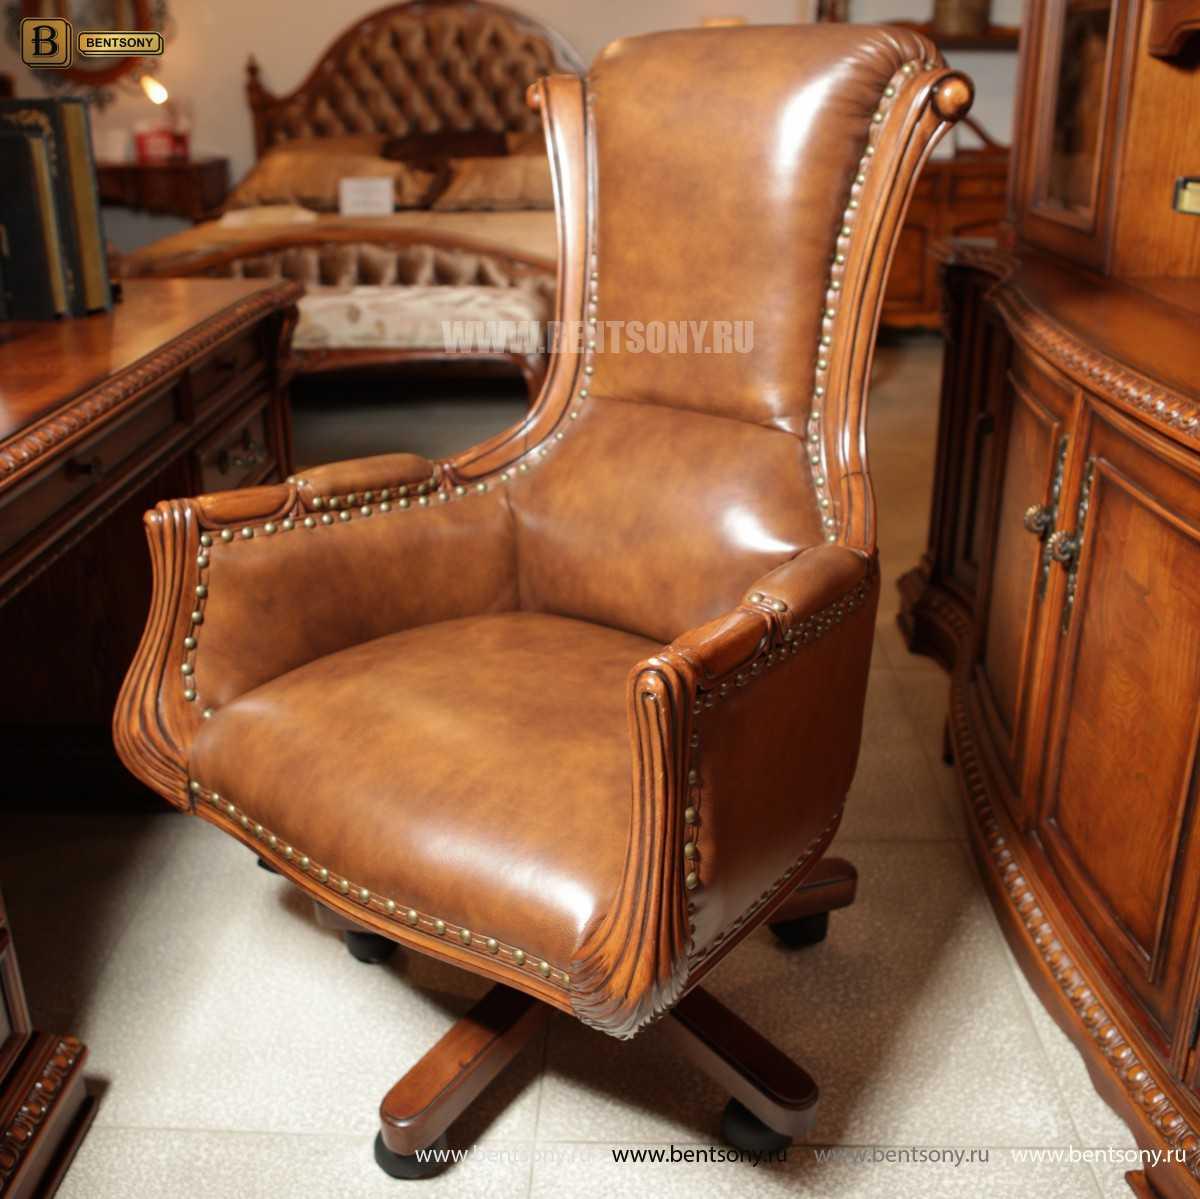 Кресло Кабинетное Монтана (Натуральная кожа)  интернет магазин